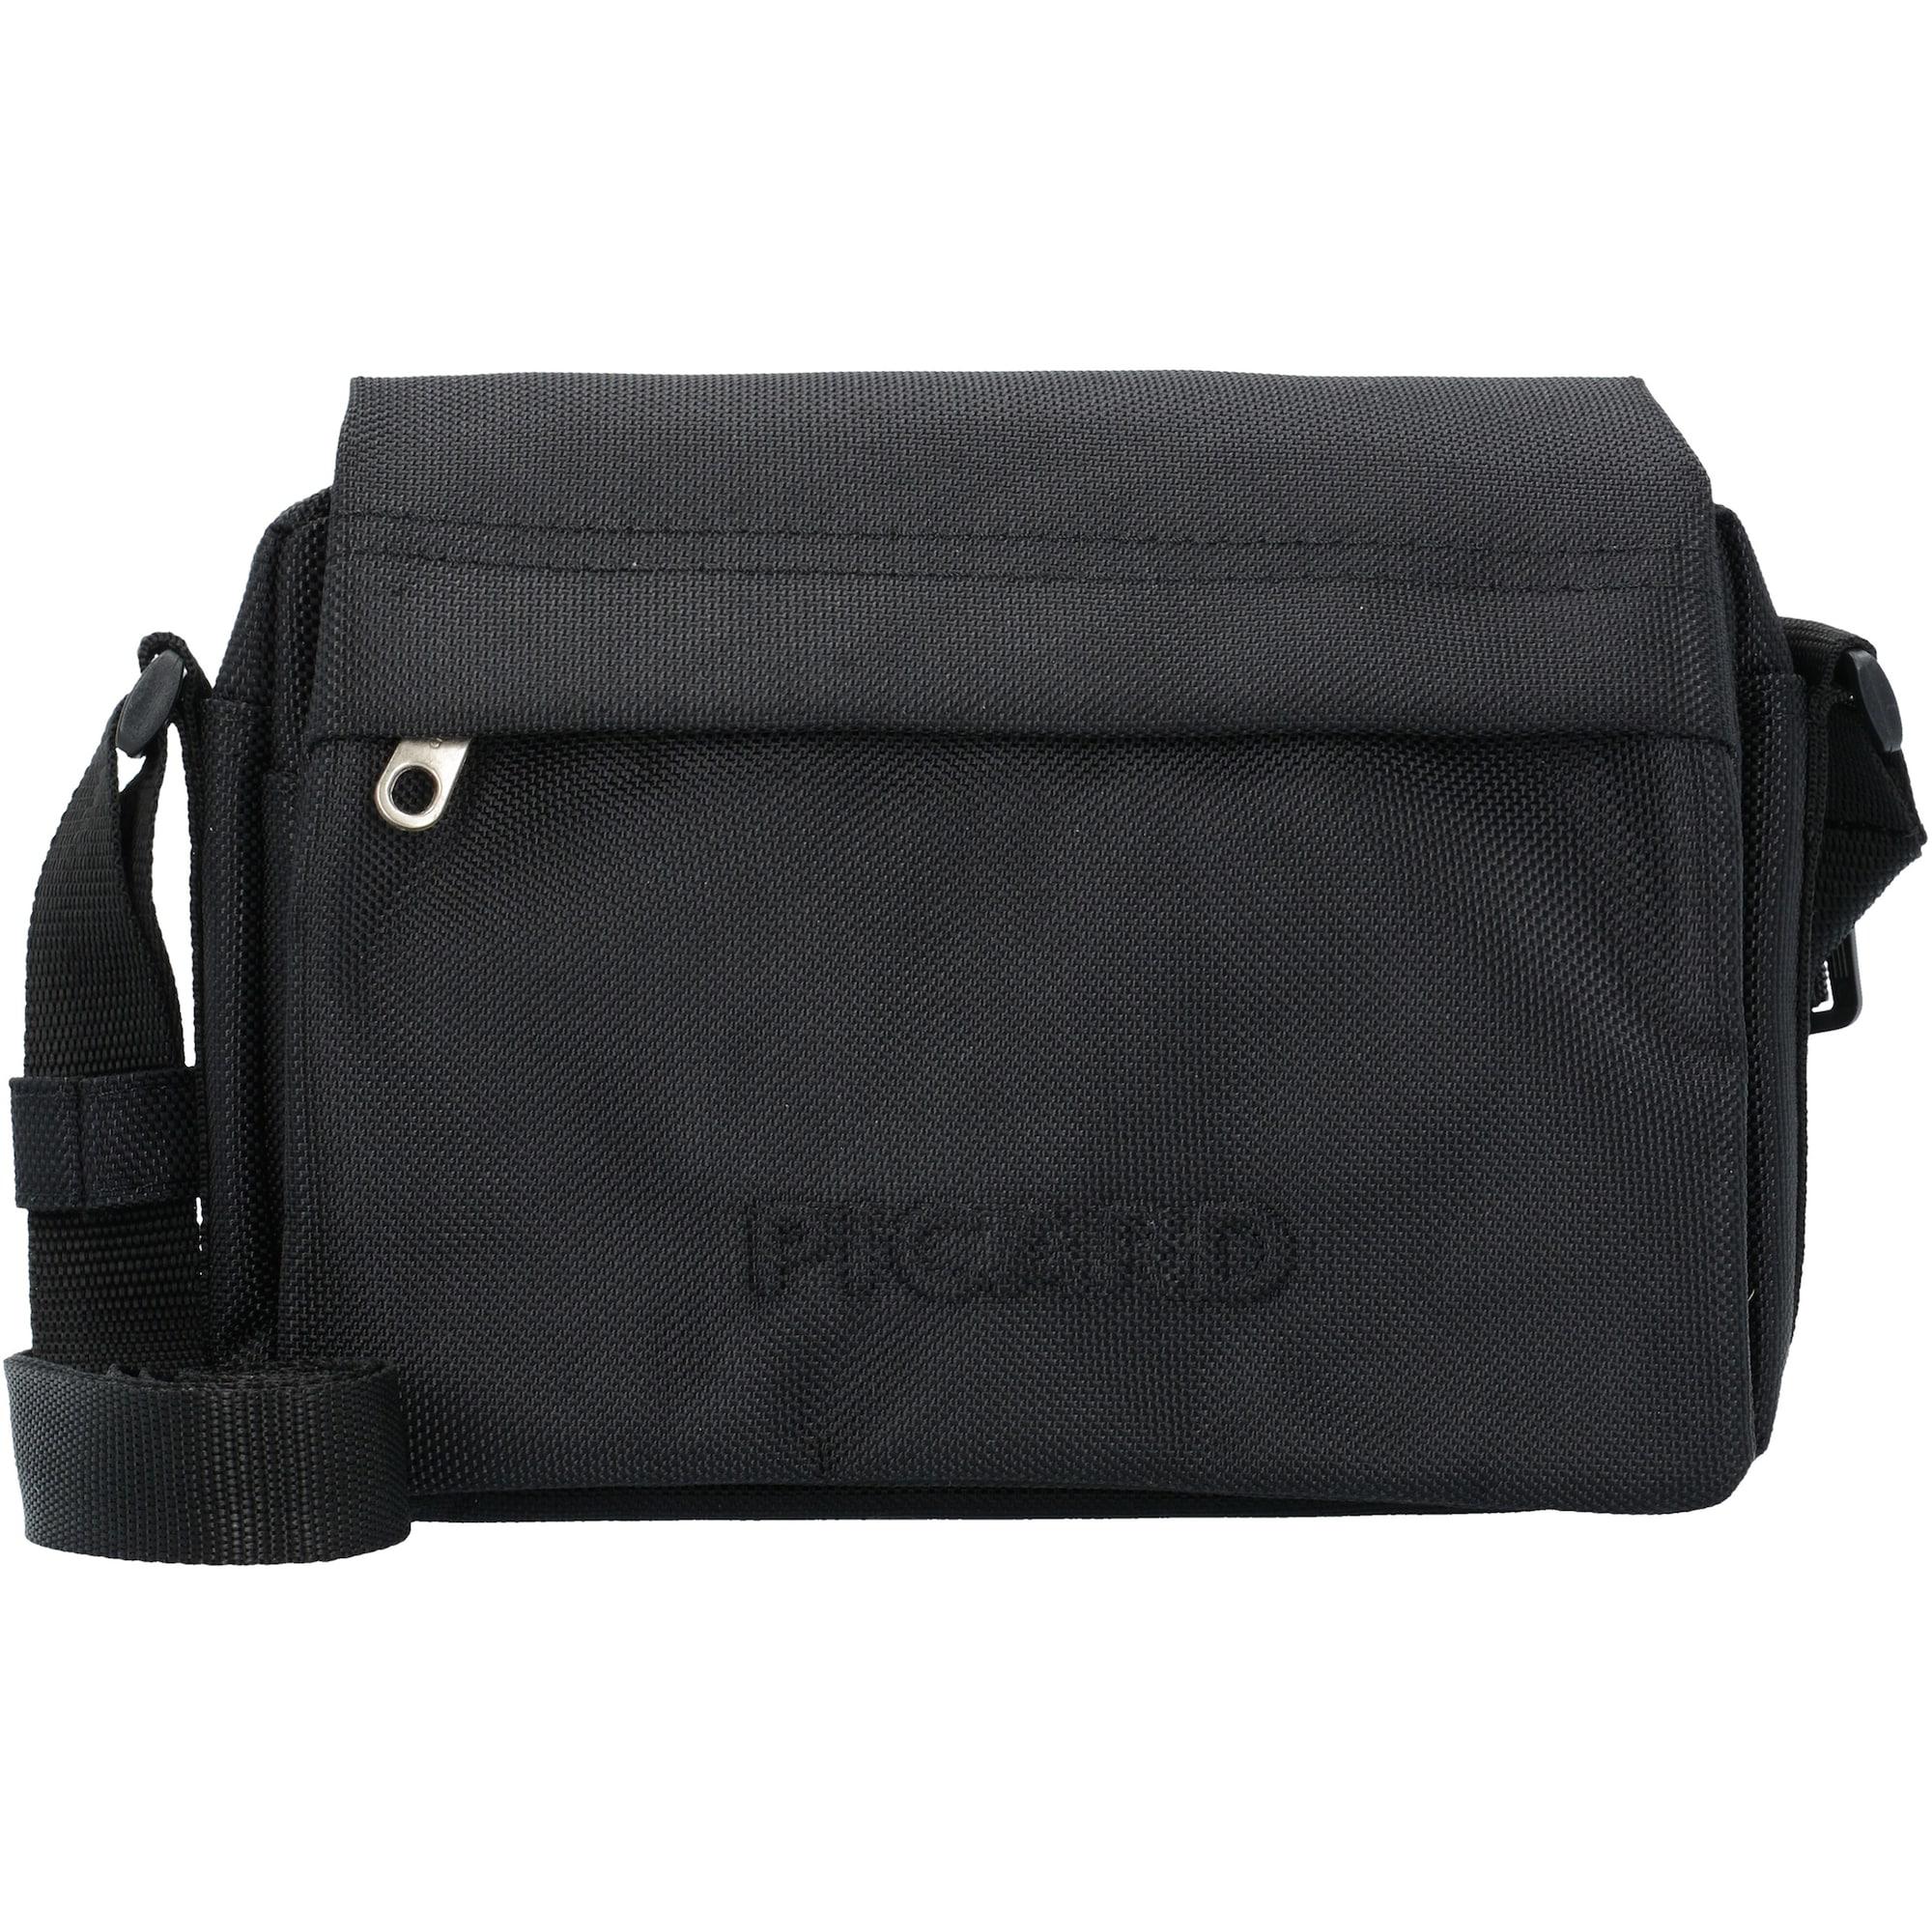 Umhängetasche 'Hitec' | Taschen > Handtaschen | Schwarz | Picard